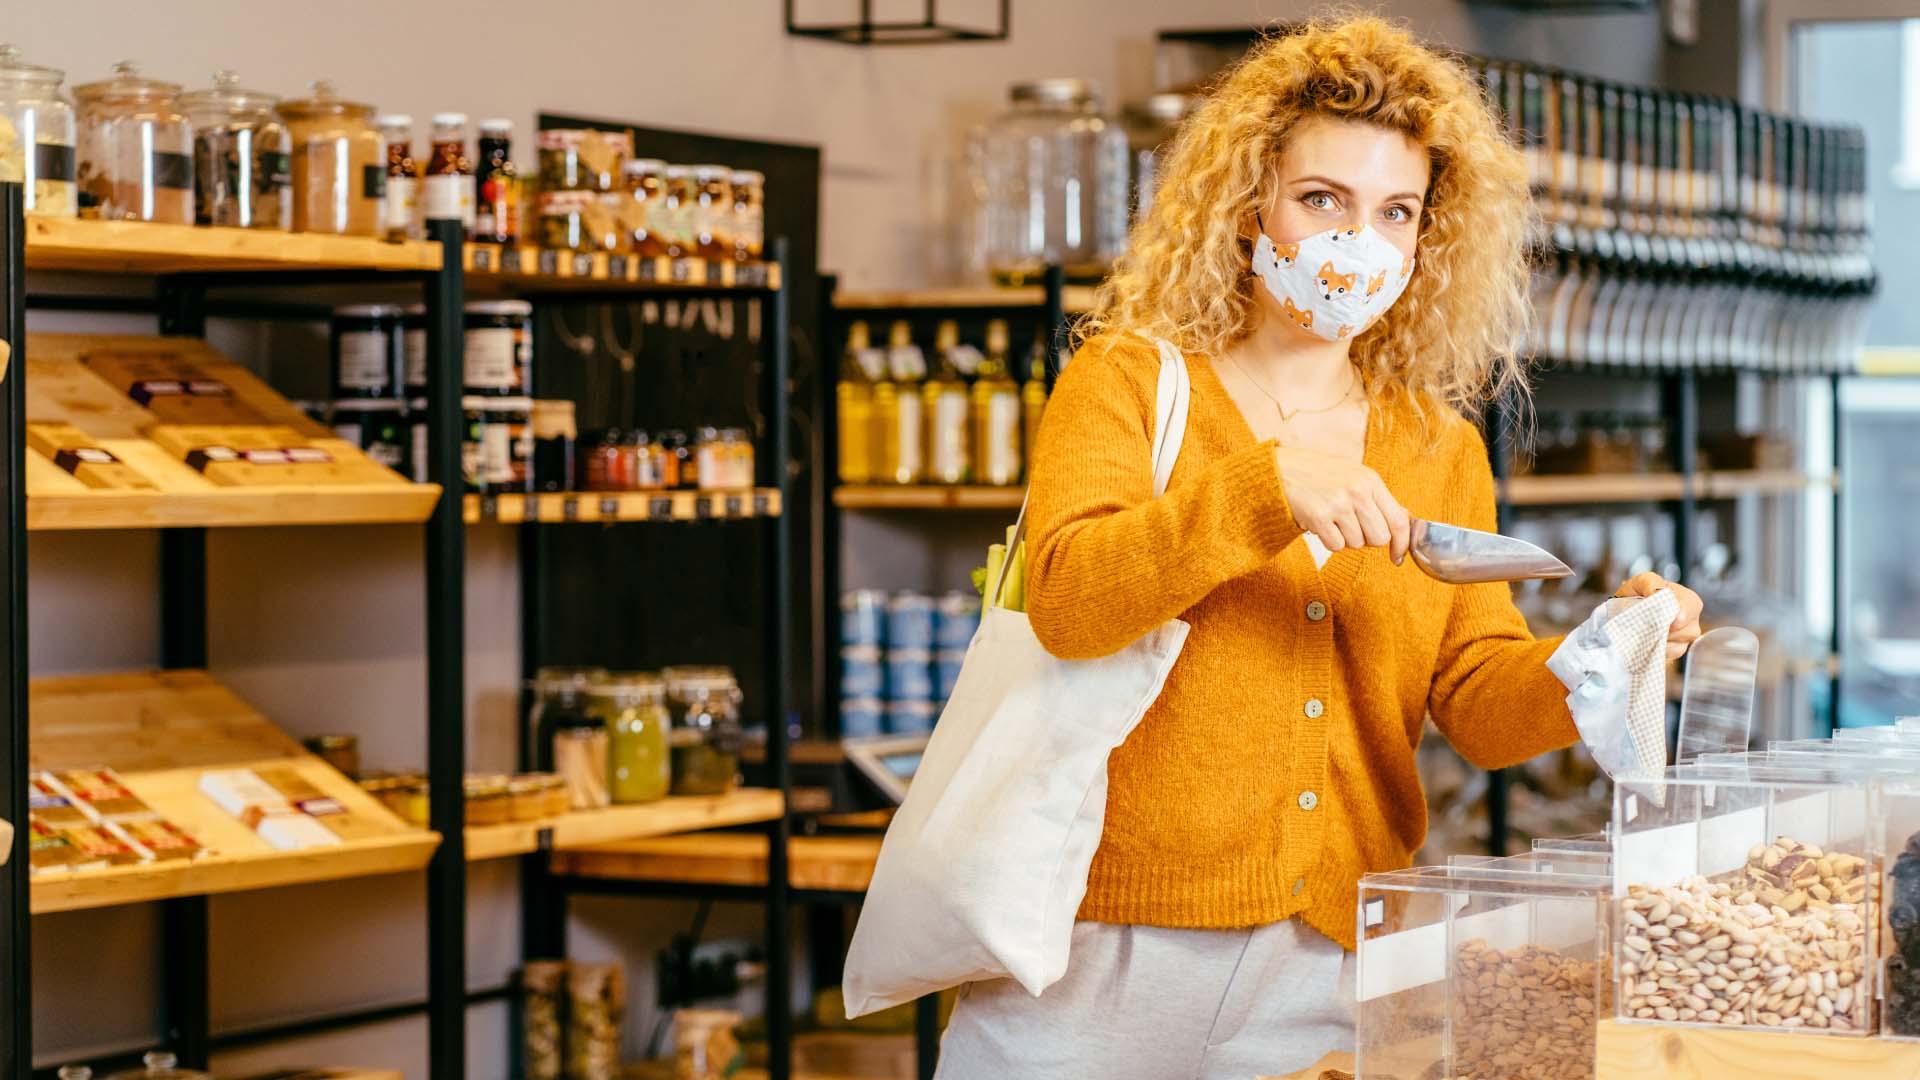 ¿Cómo aplicar el Branding de tu marca en tu dietética?